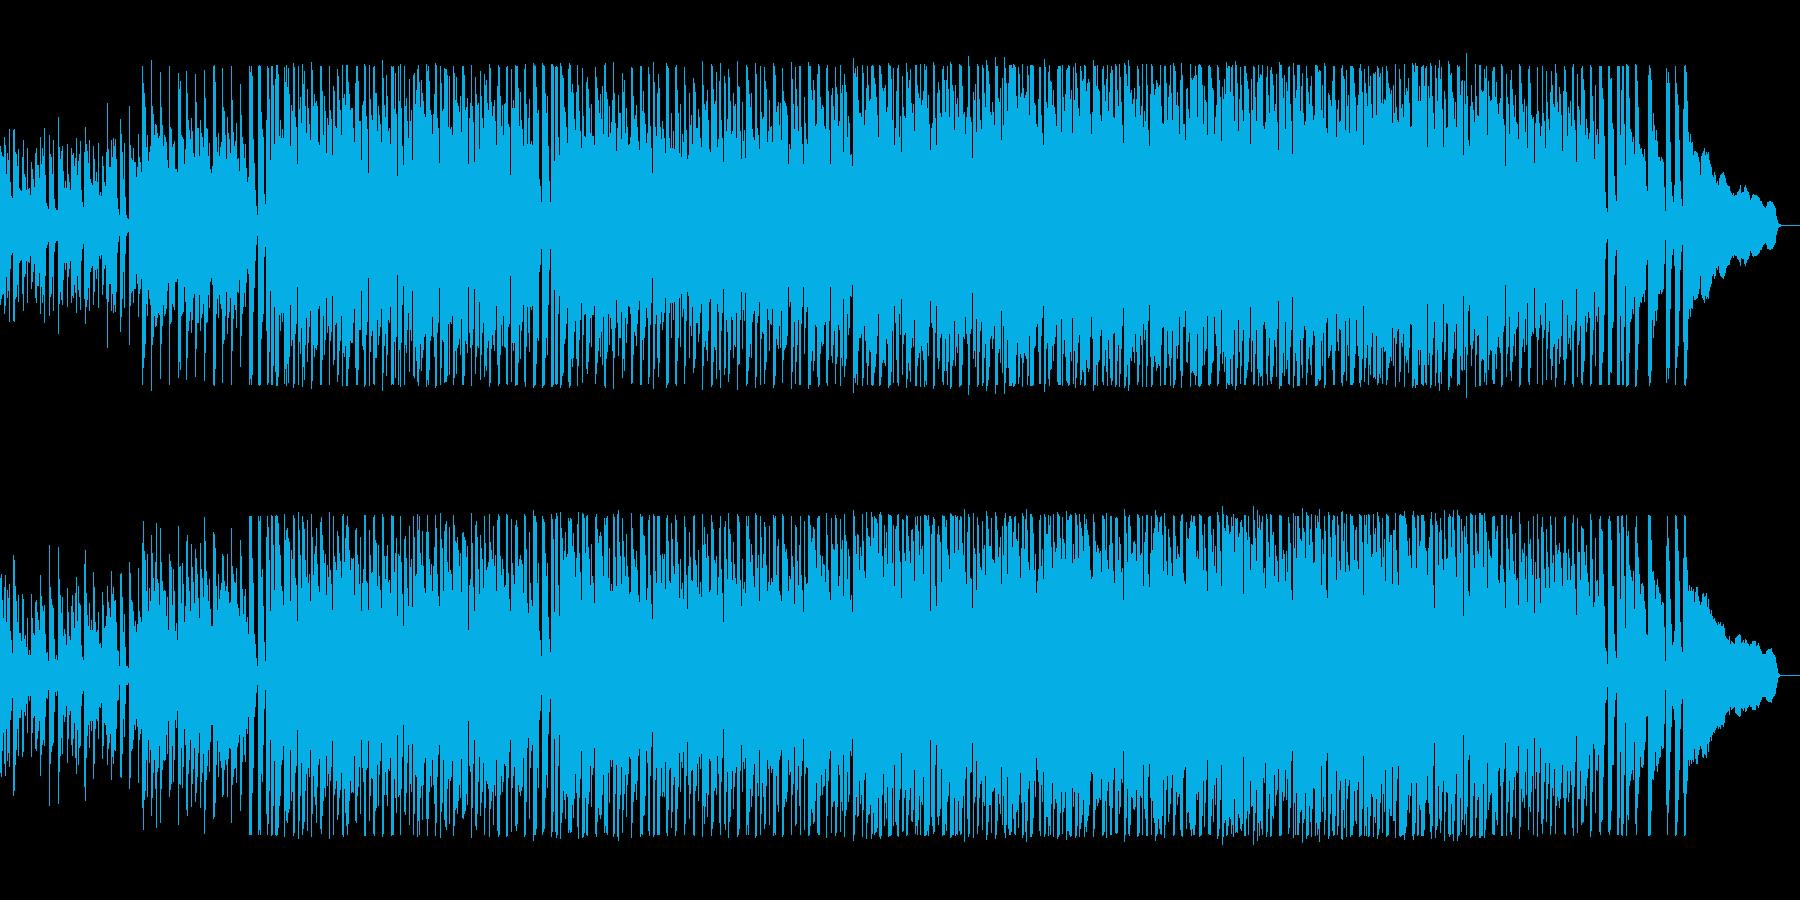 アップテンポの疾走感のあるシンセサイザーの再生済みの波形